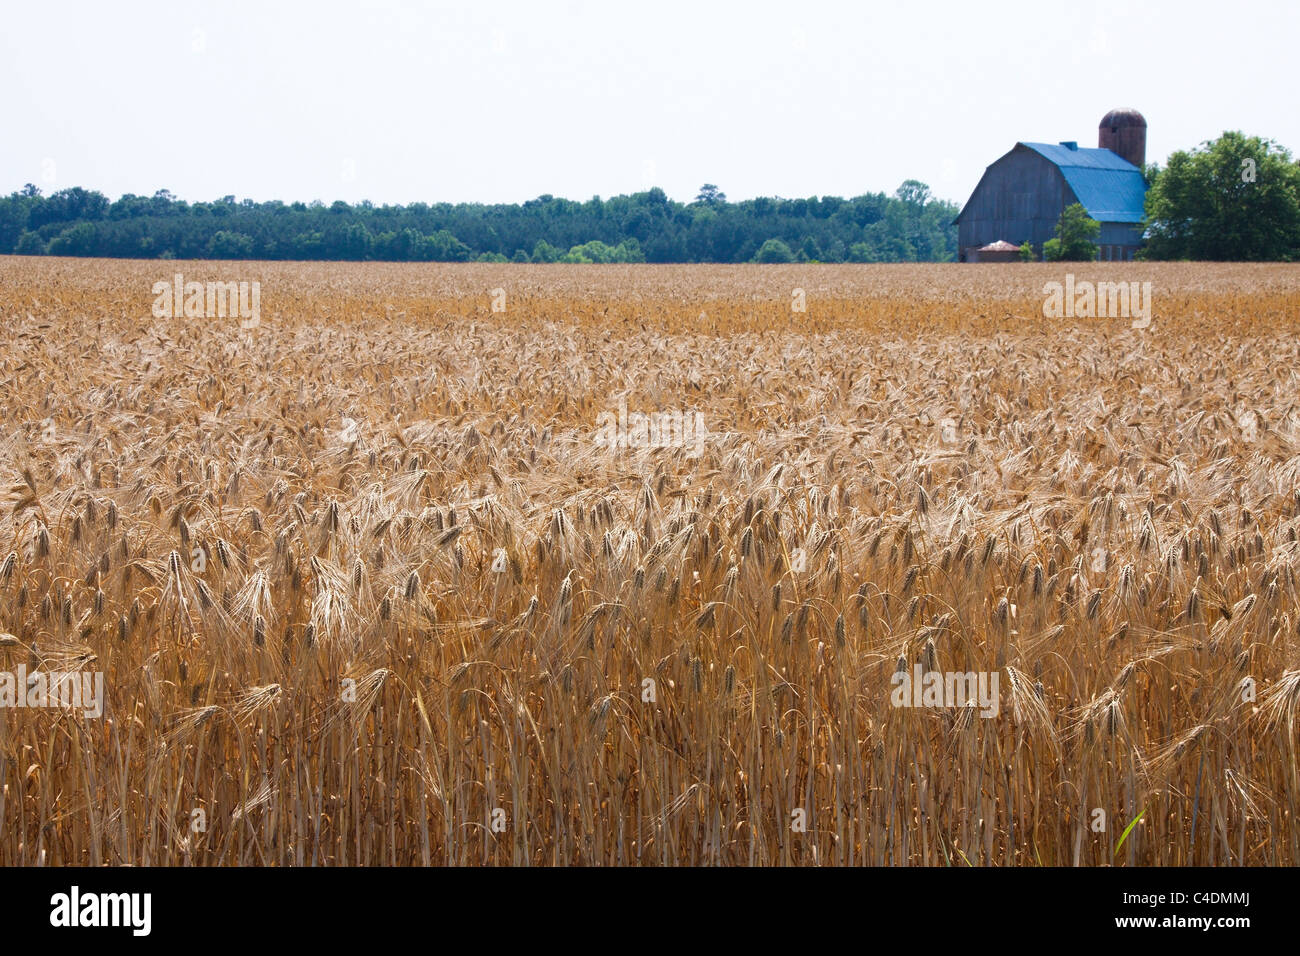 Domaines de la maturation de l'orge, grange à distance, Maryland Eastern Shore, USA Photo Stock